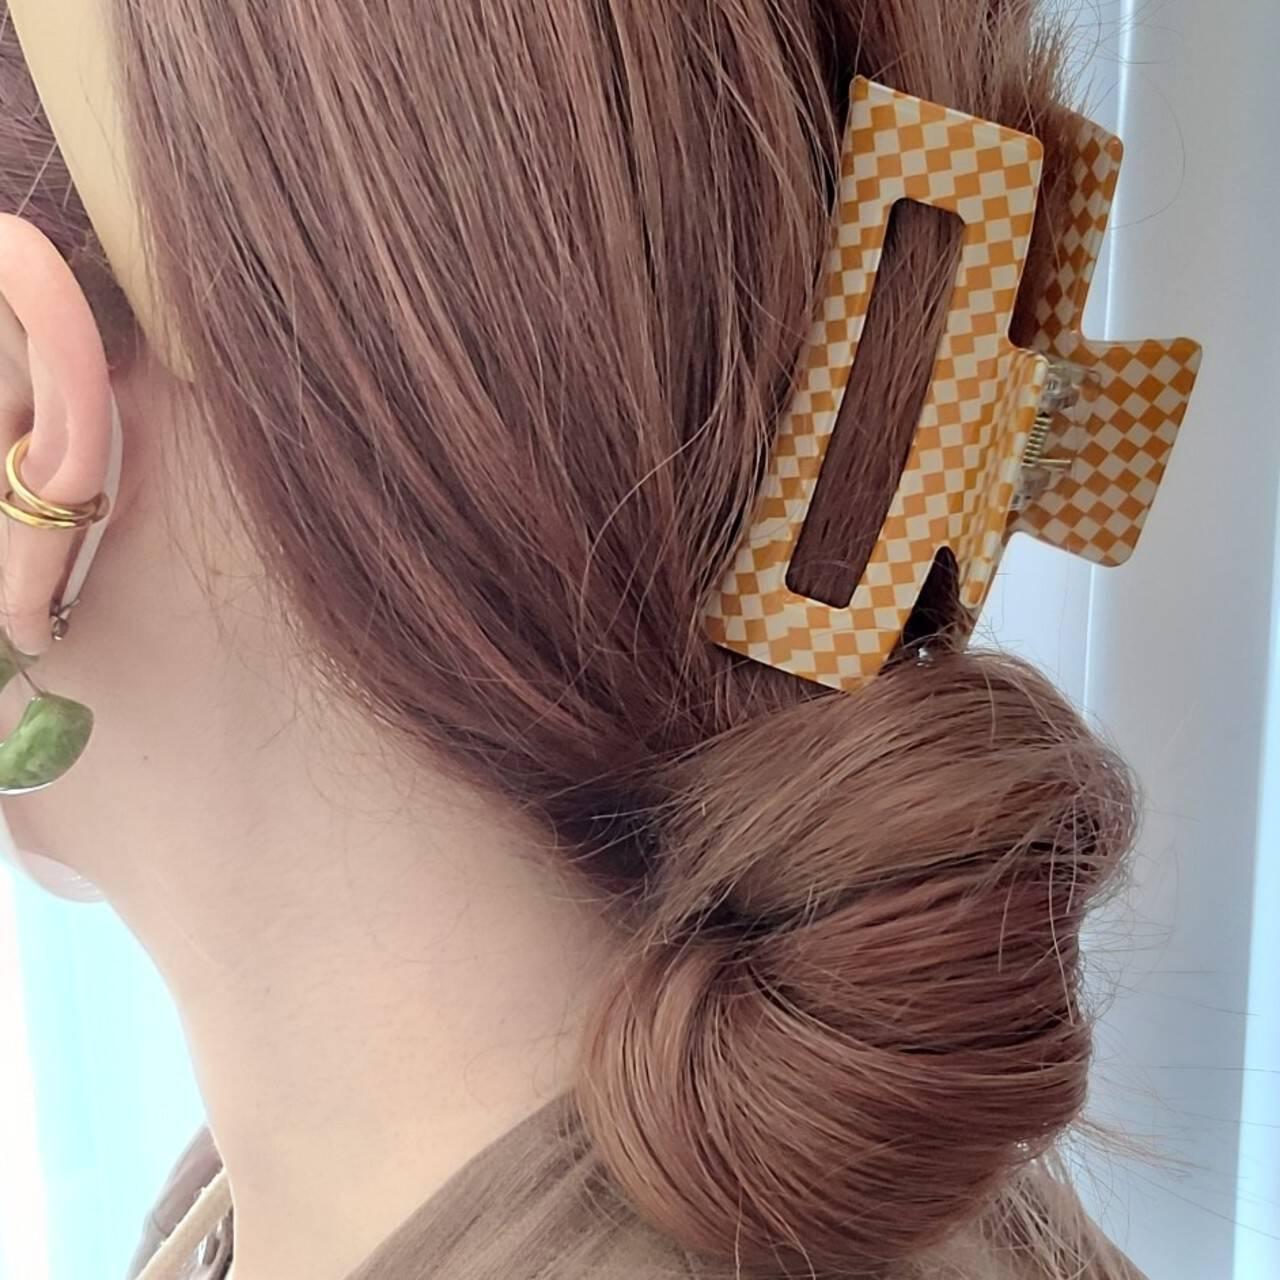 ロング ガーリー セルフアレンジ ヘアアレンジヘアスタイルや髪型の写真・画像